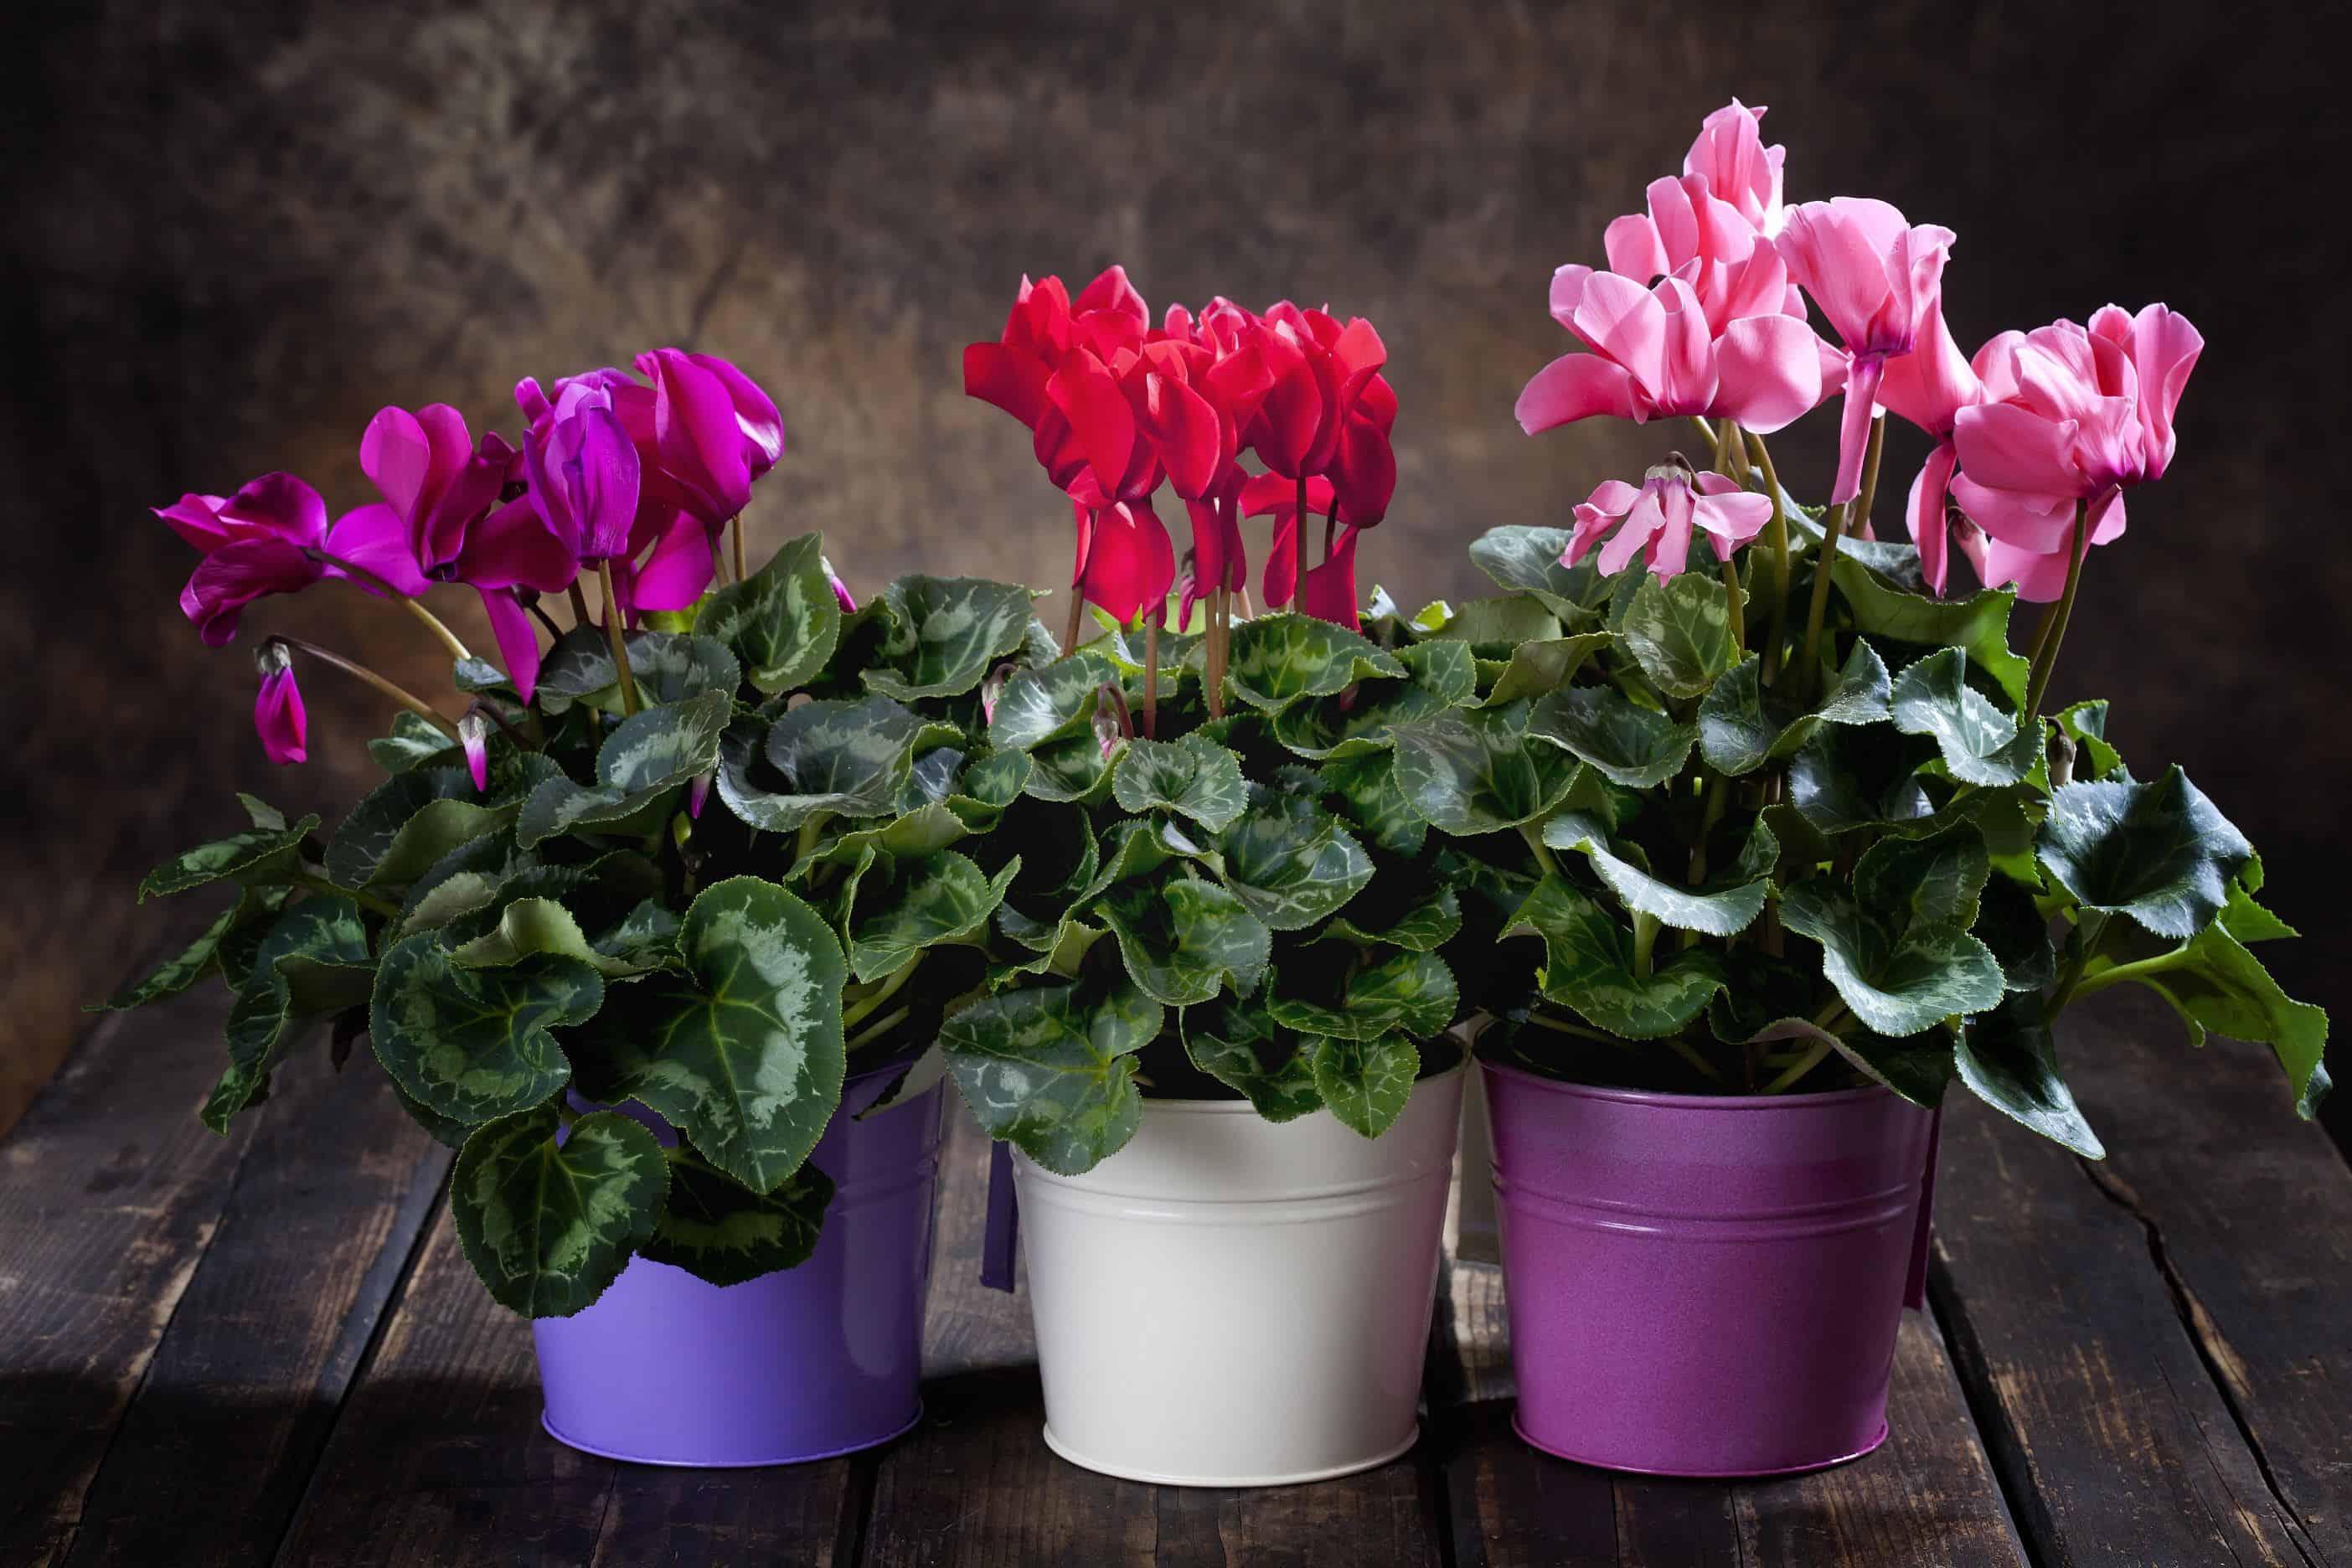 розовый, фиолетовый и красный цикламены